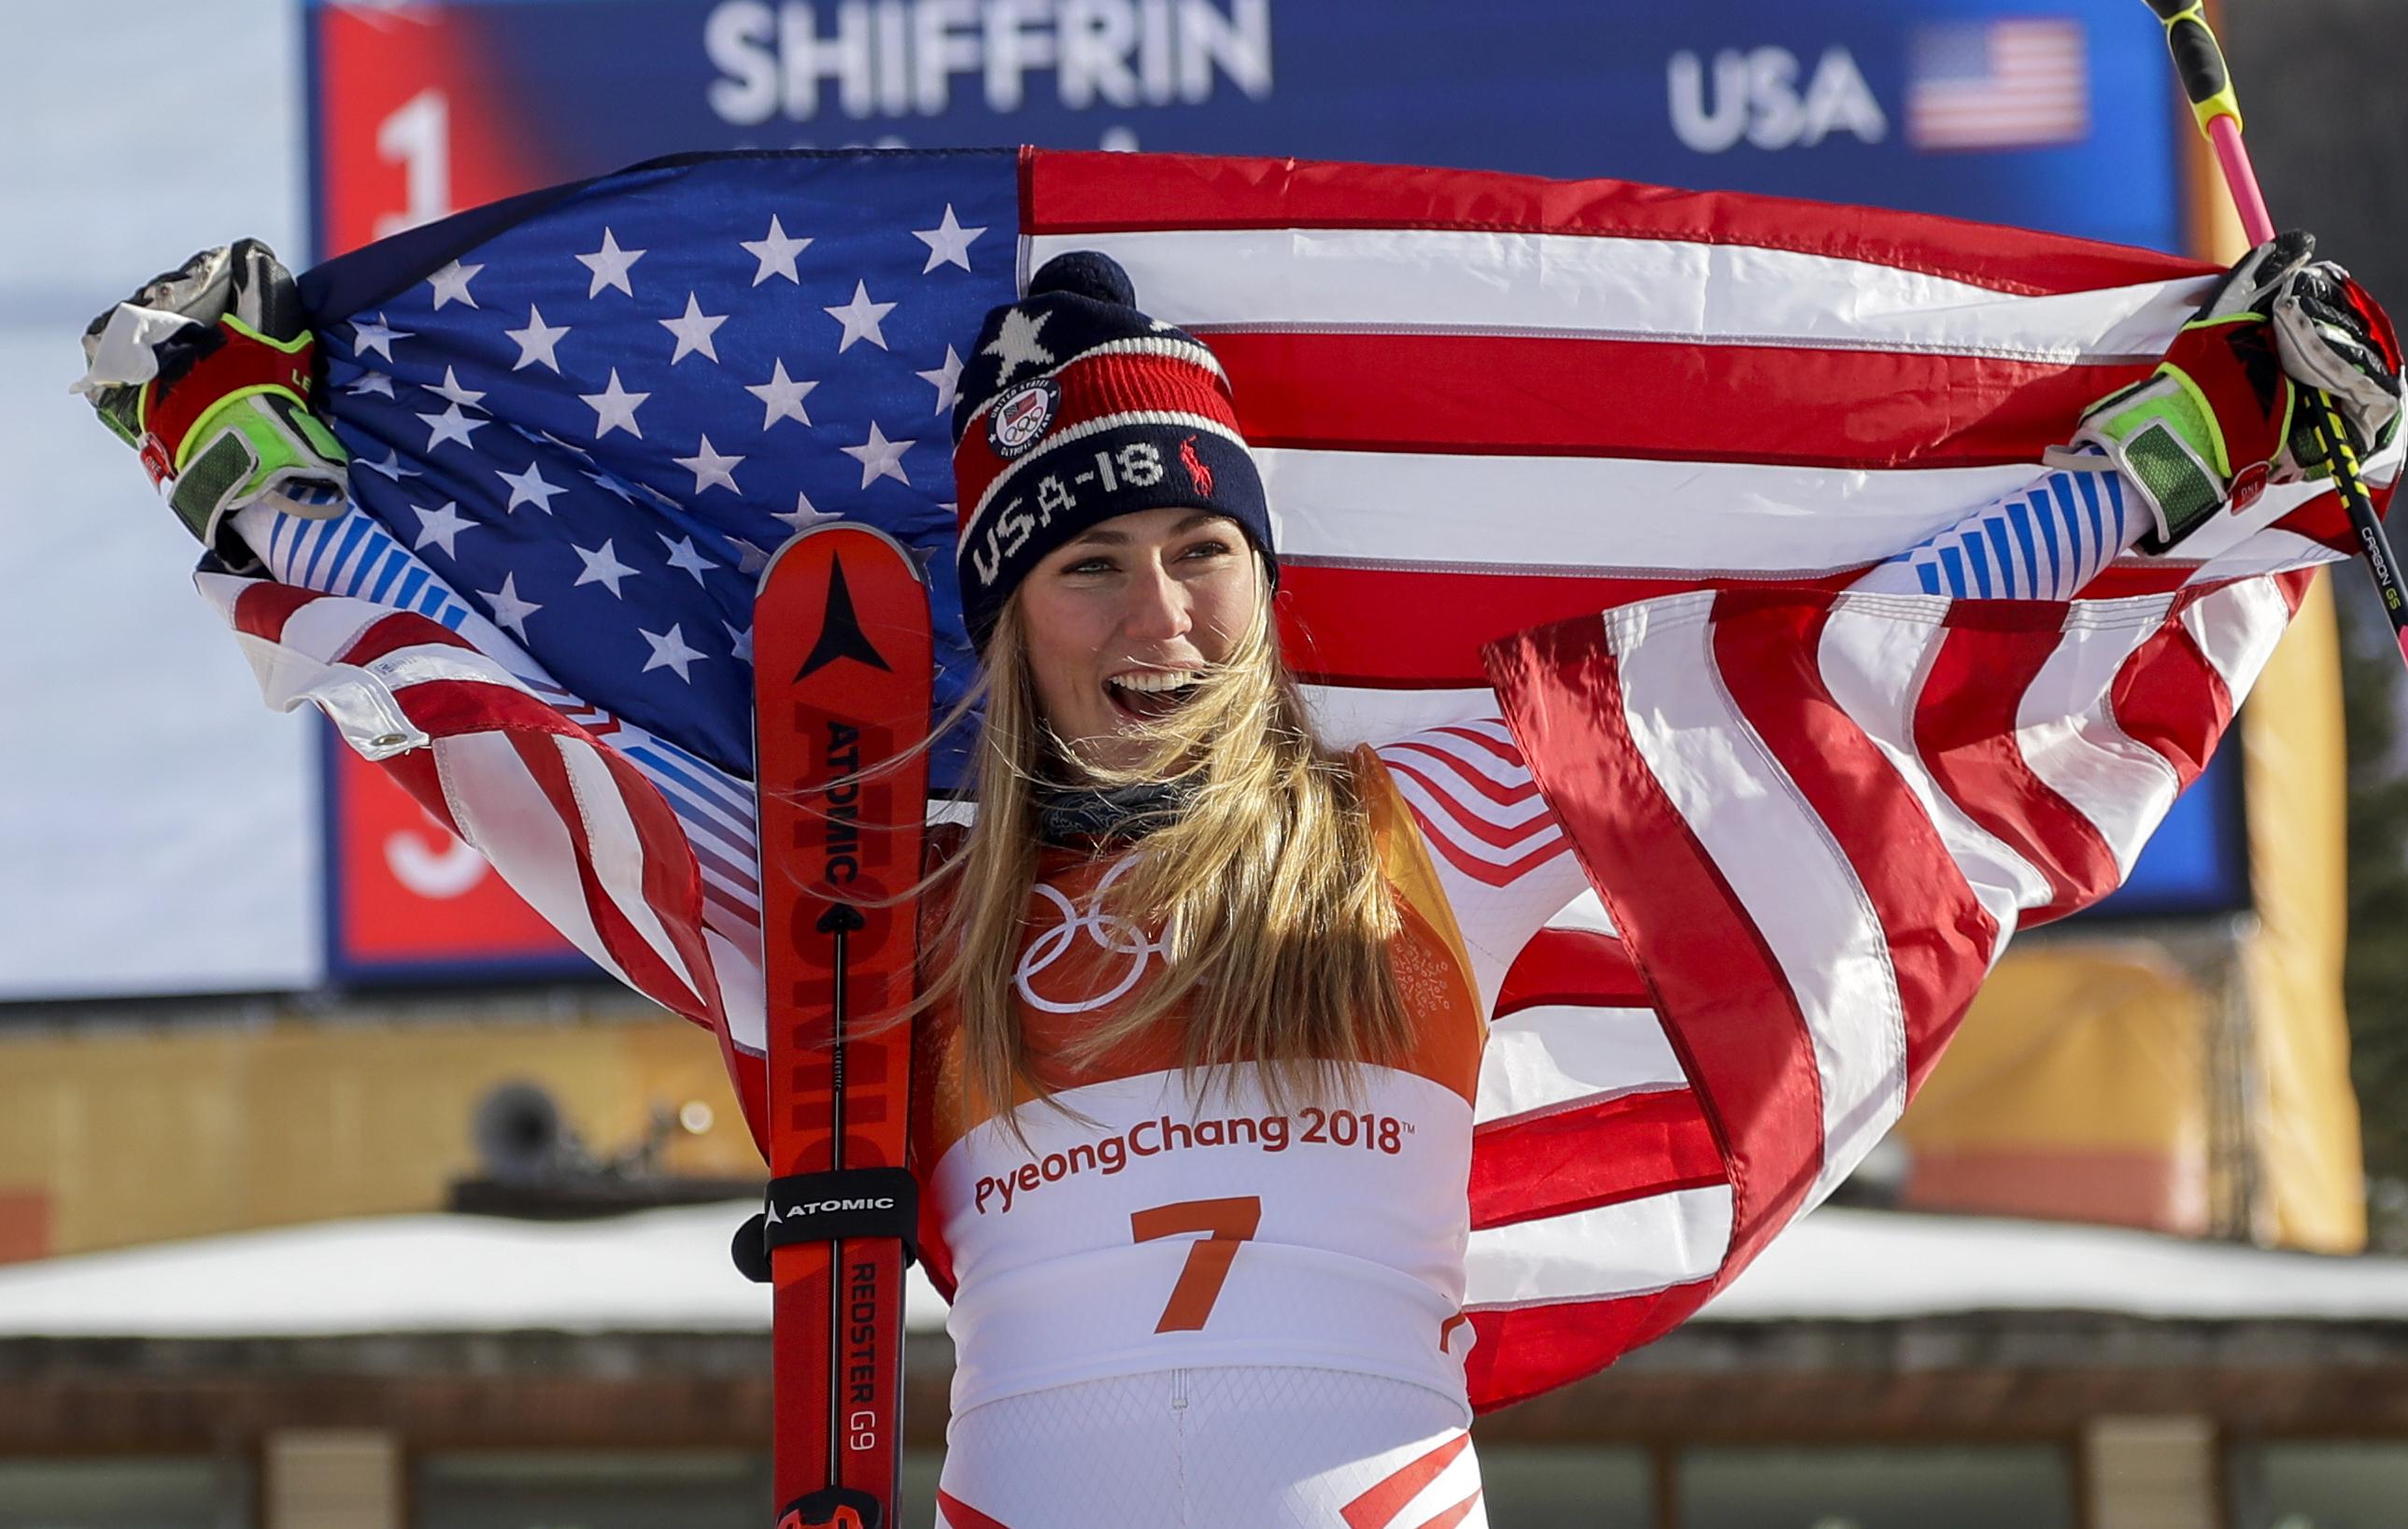 Photo: Mikaela Shiffrin Giant Slalom Podium 2018 Winter Olympics (AP)